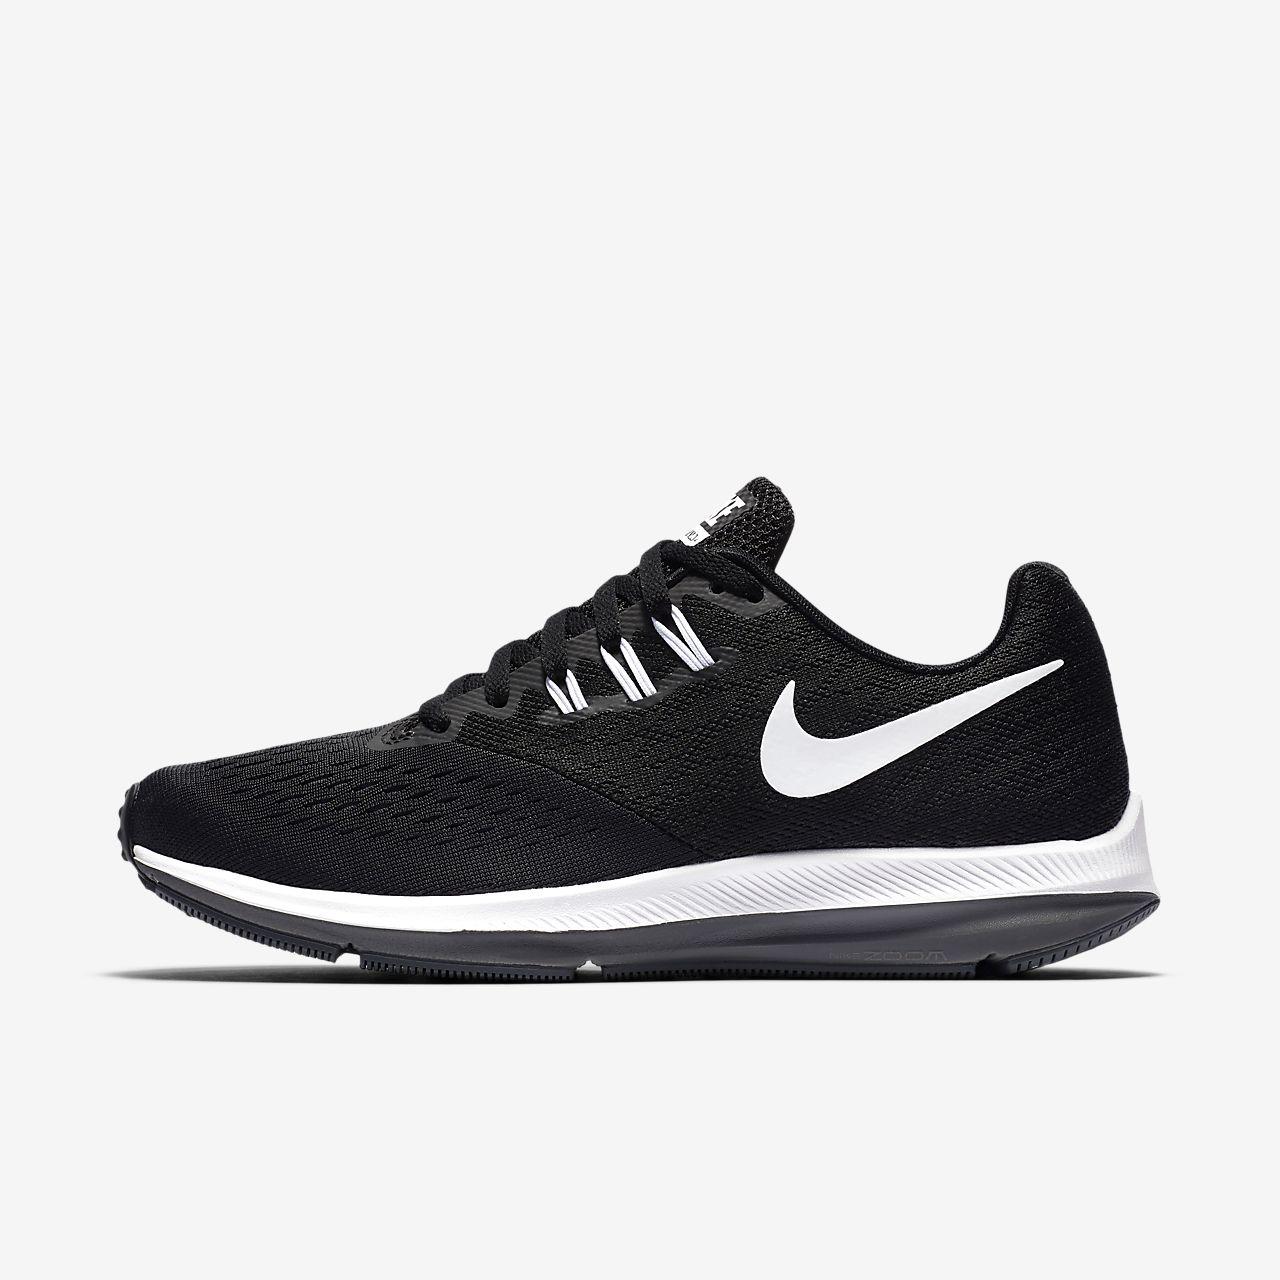 Nike Herren Air Zoom Winflo 4 Laufschuhe